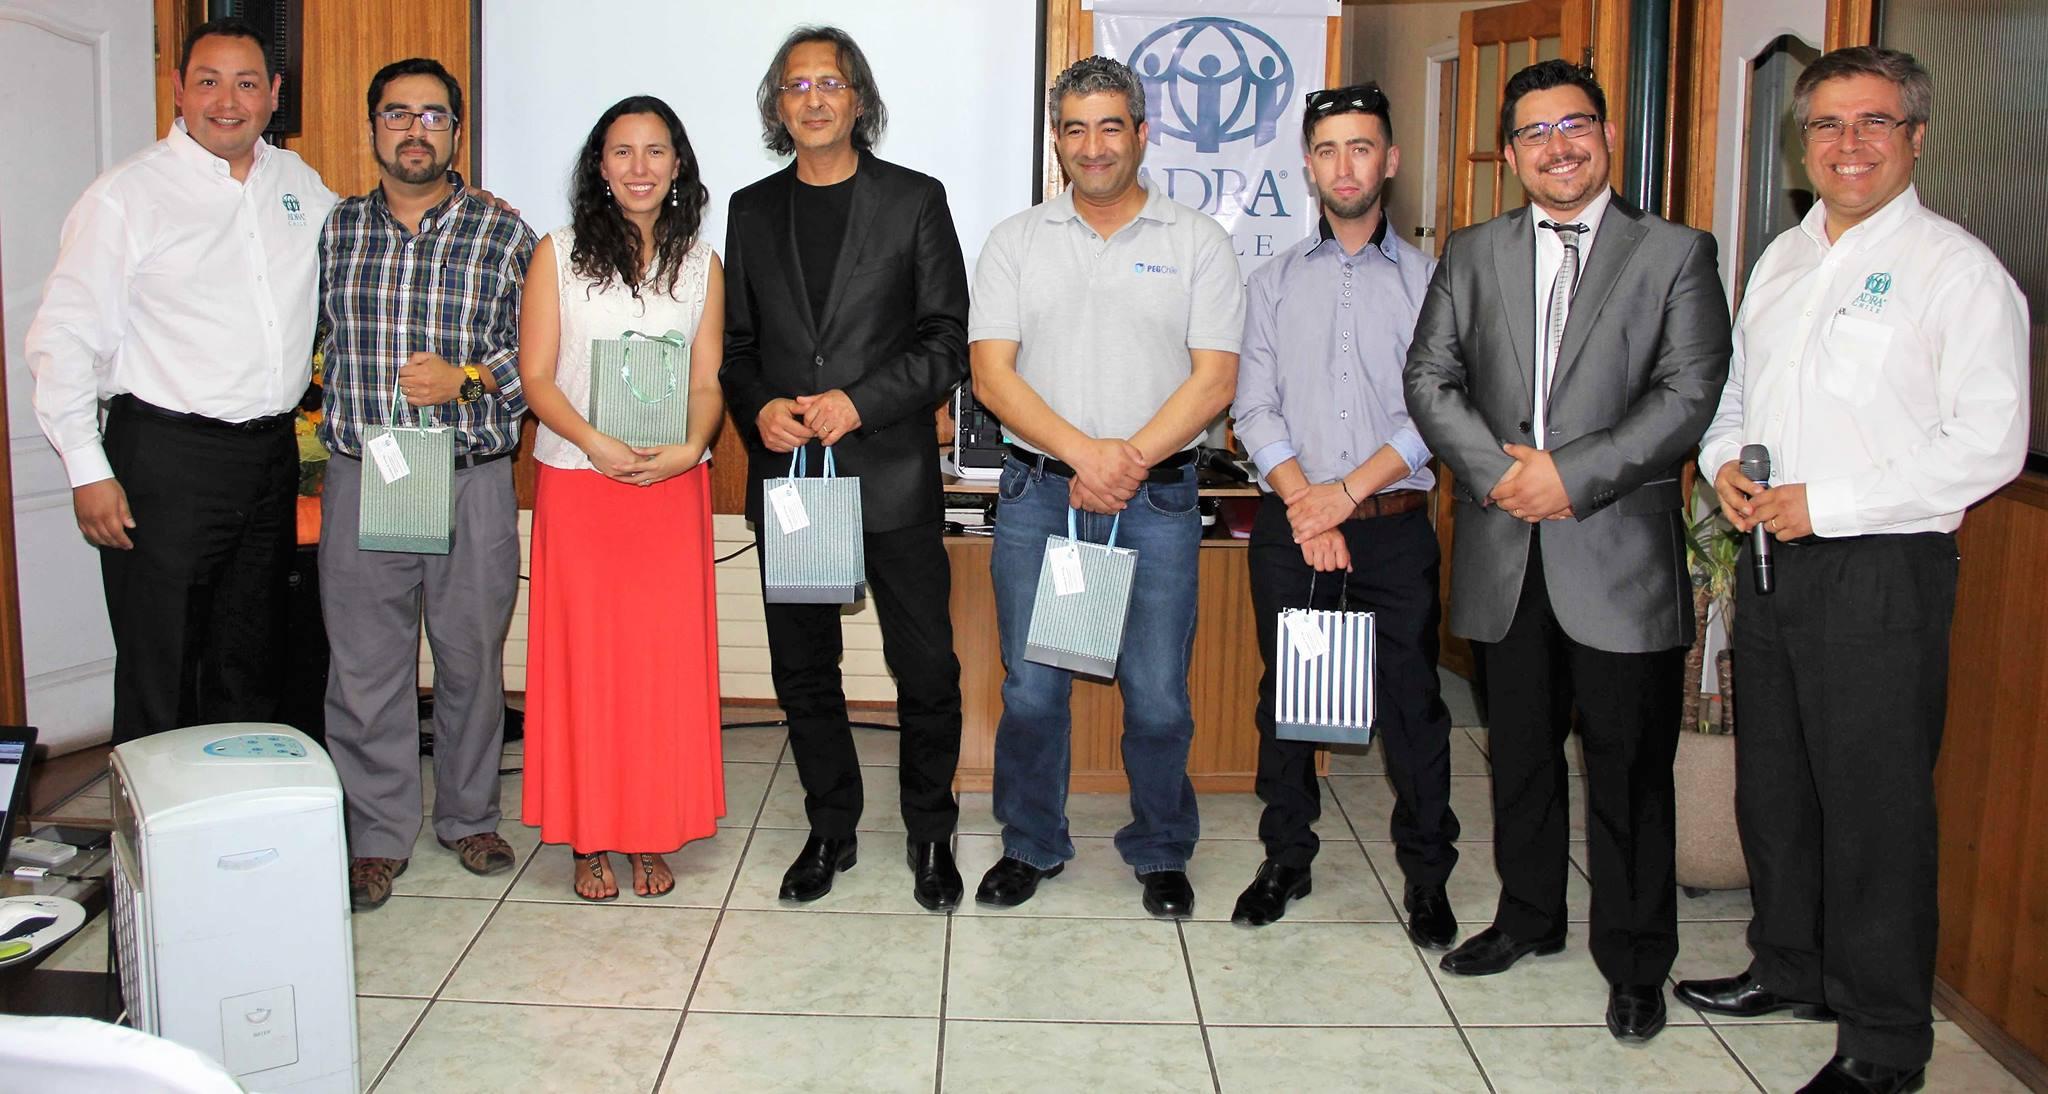 Colaboradores de ADRA Chile en su homenaje por la ayuda prestada durante el 2016.